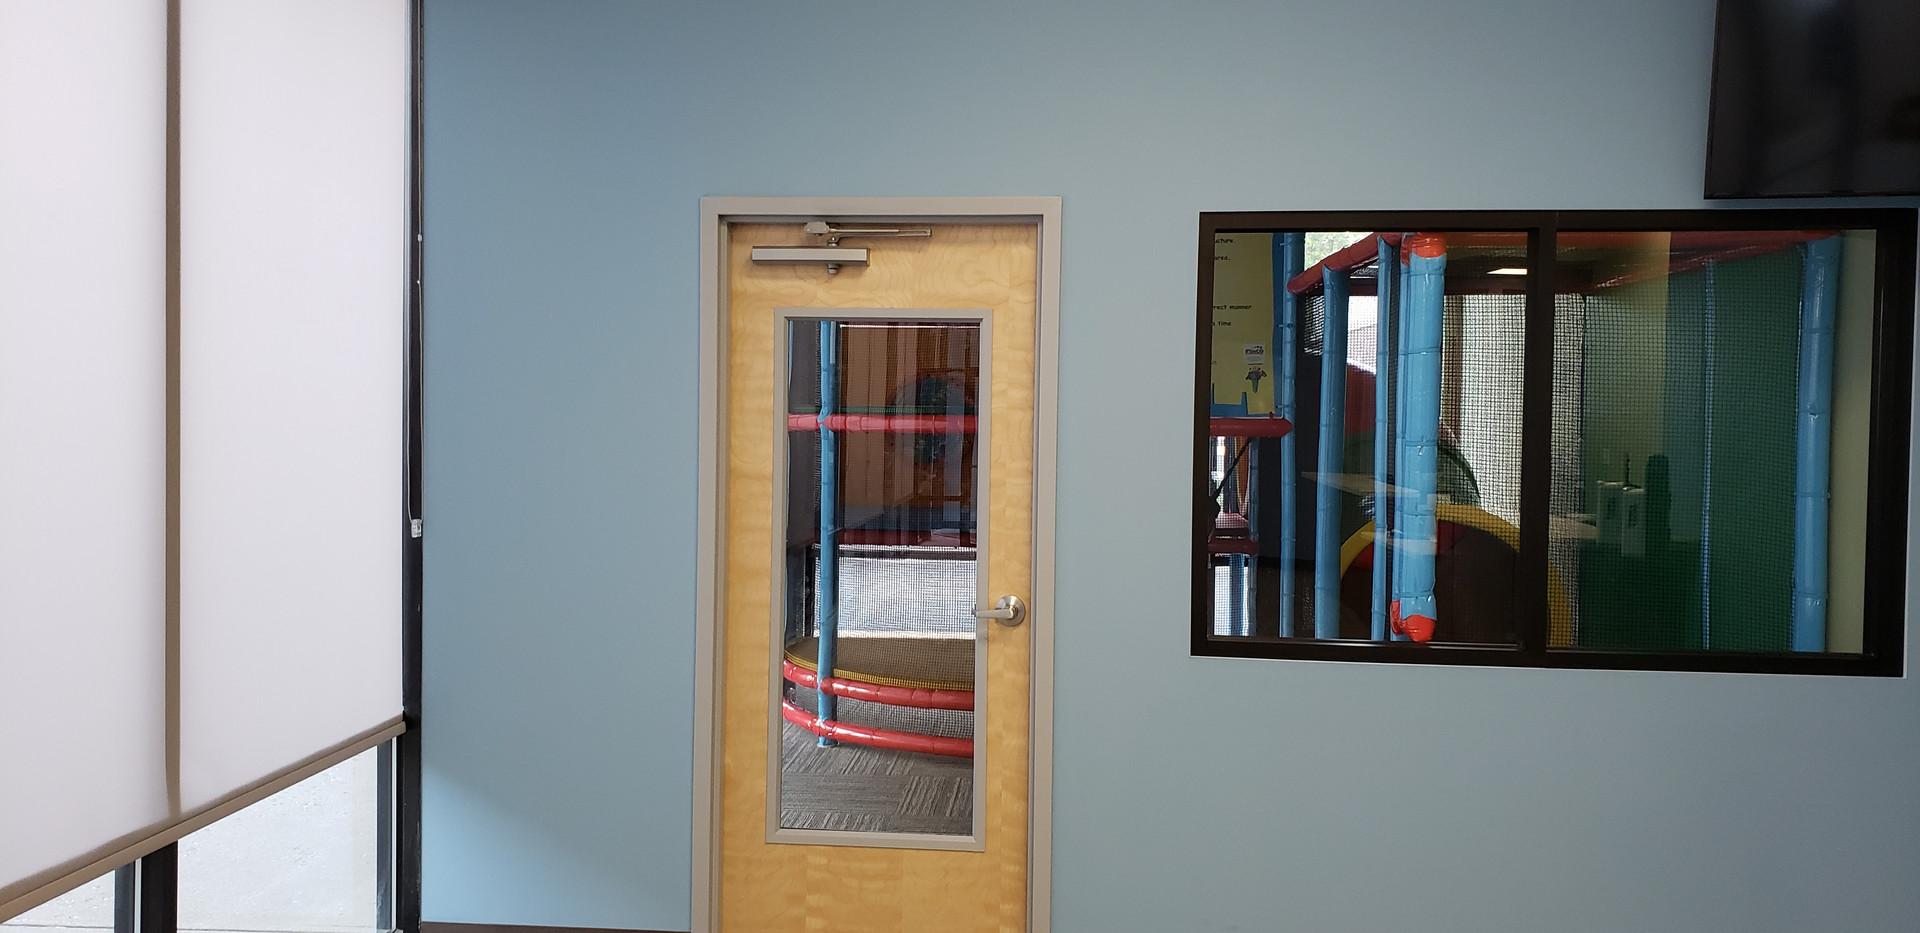 Room w/ Door & Large Windows - Buildout Pros